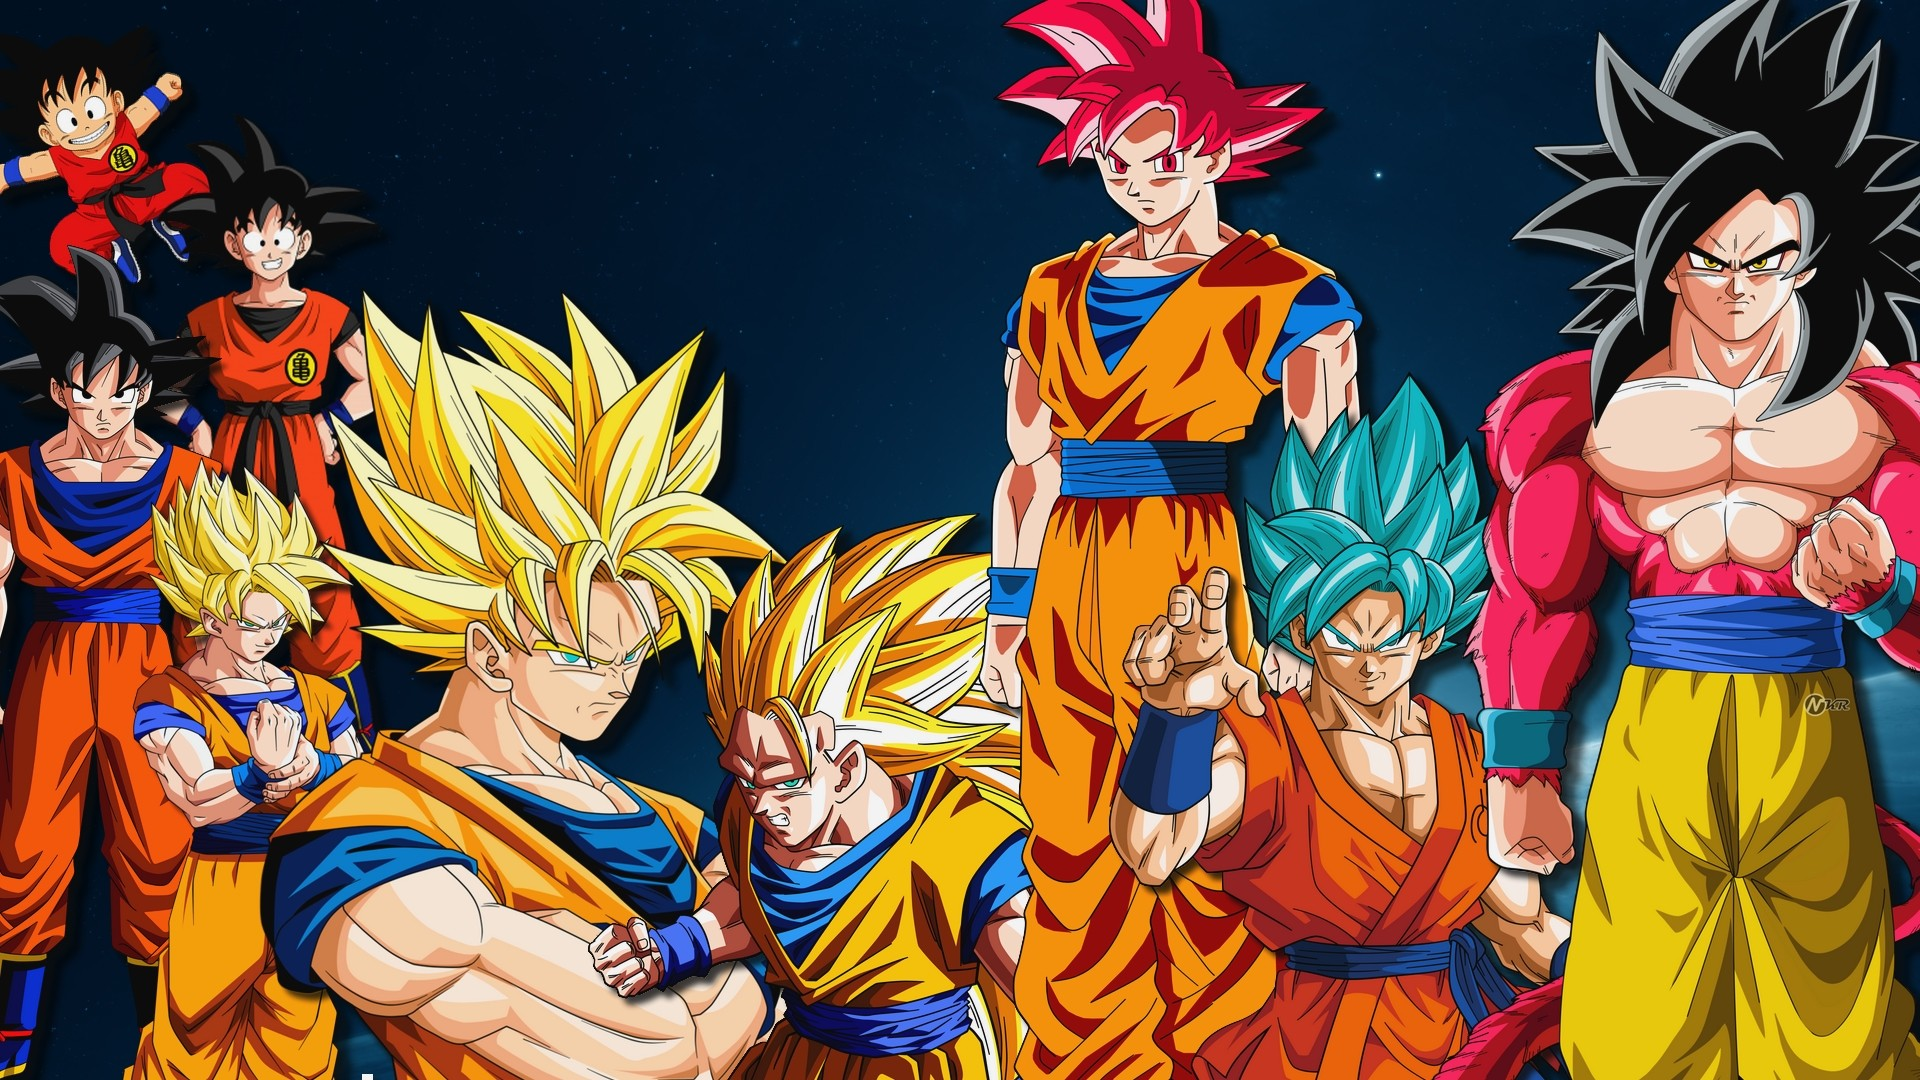 Son Goku De Dragon Ball Z Fondo De Pantalla Super Saiyan: Fond D'ecran Goku Versions